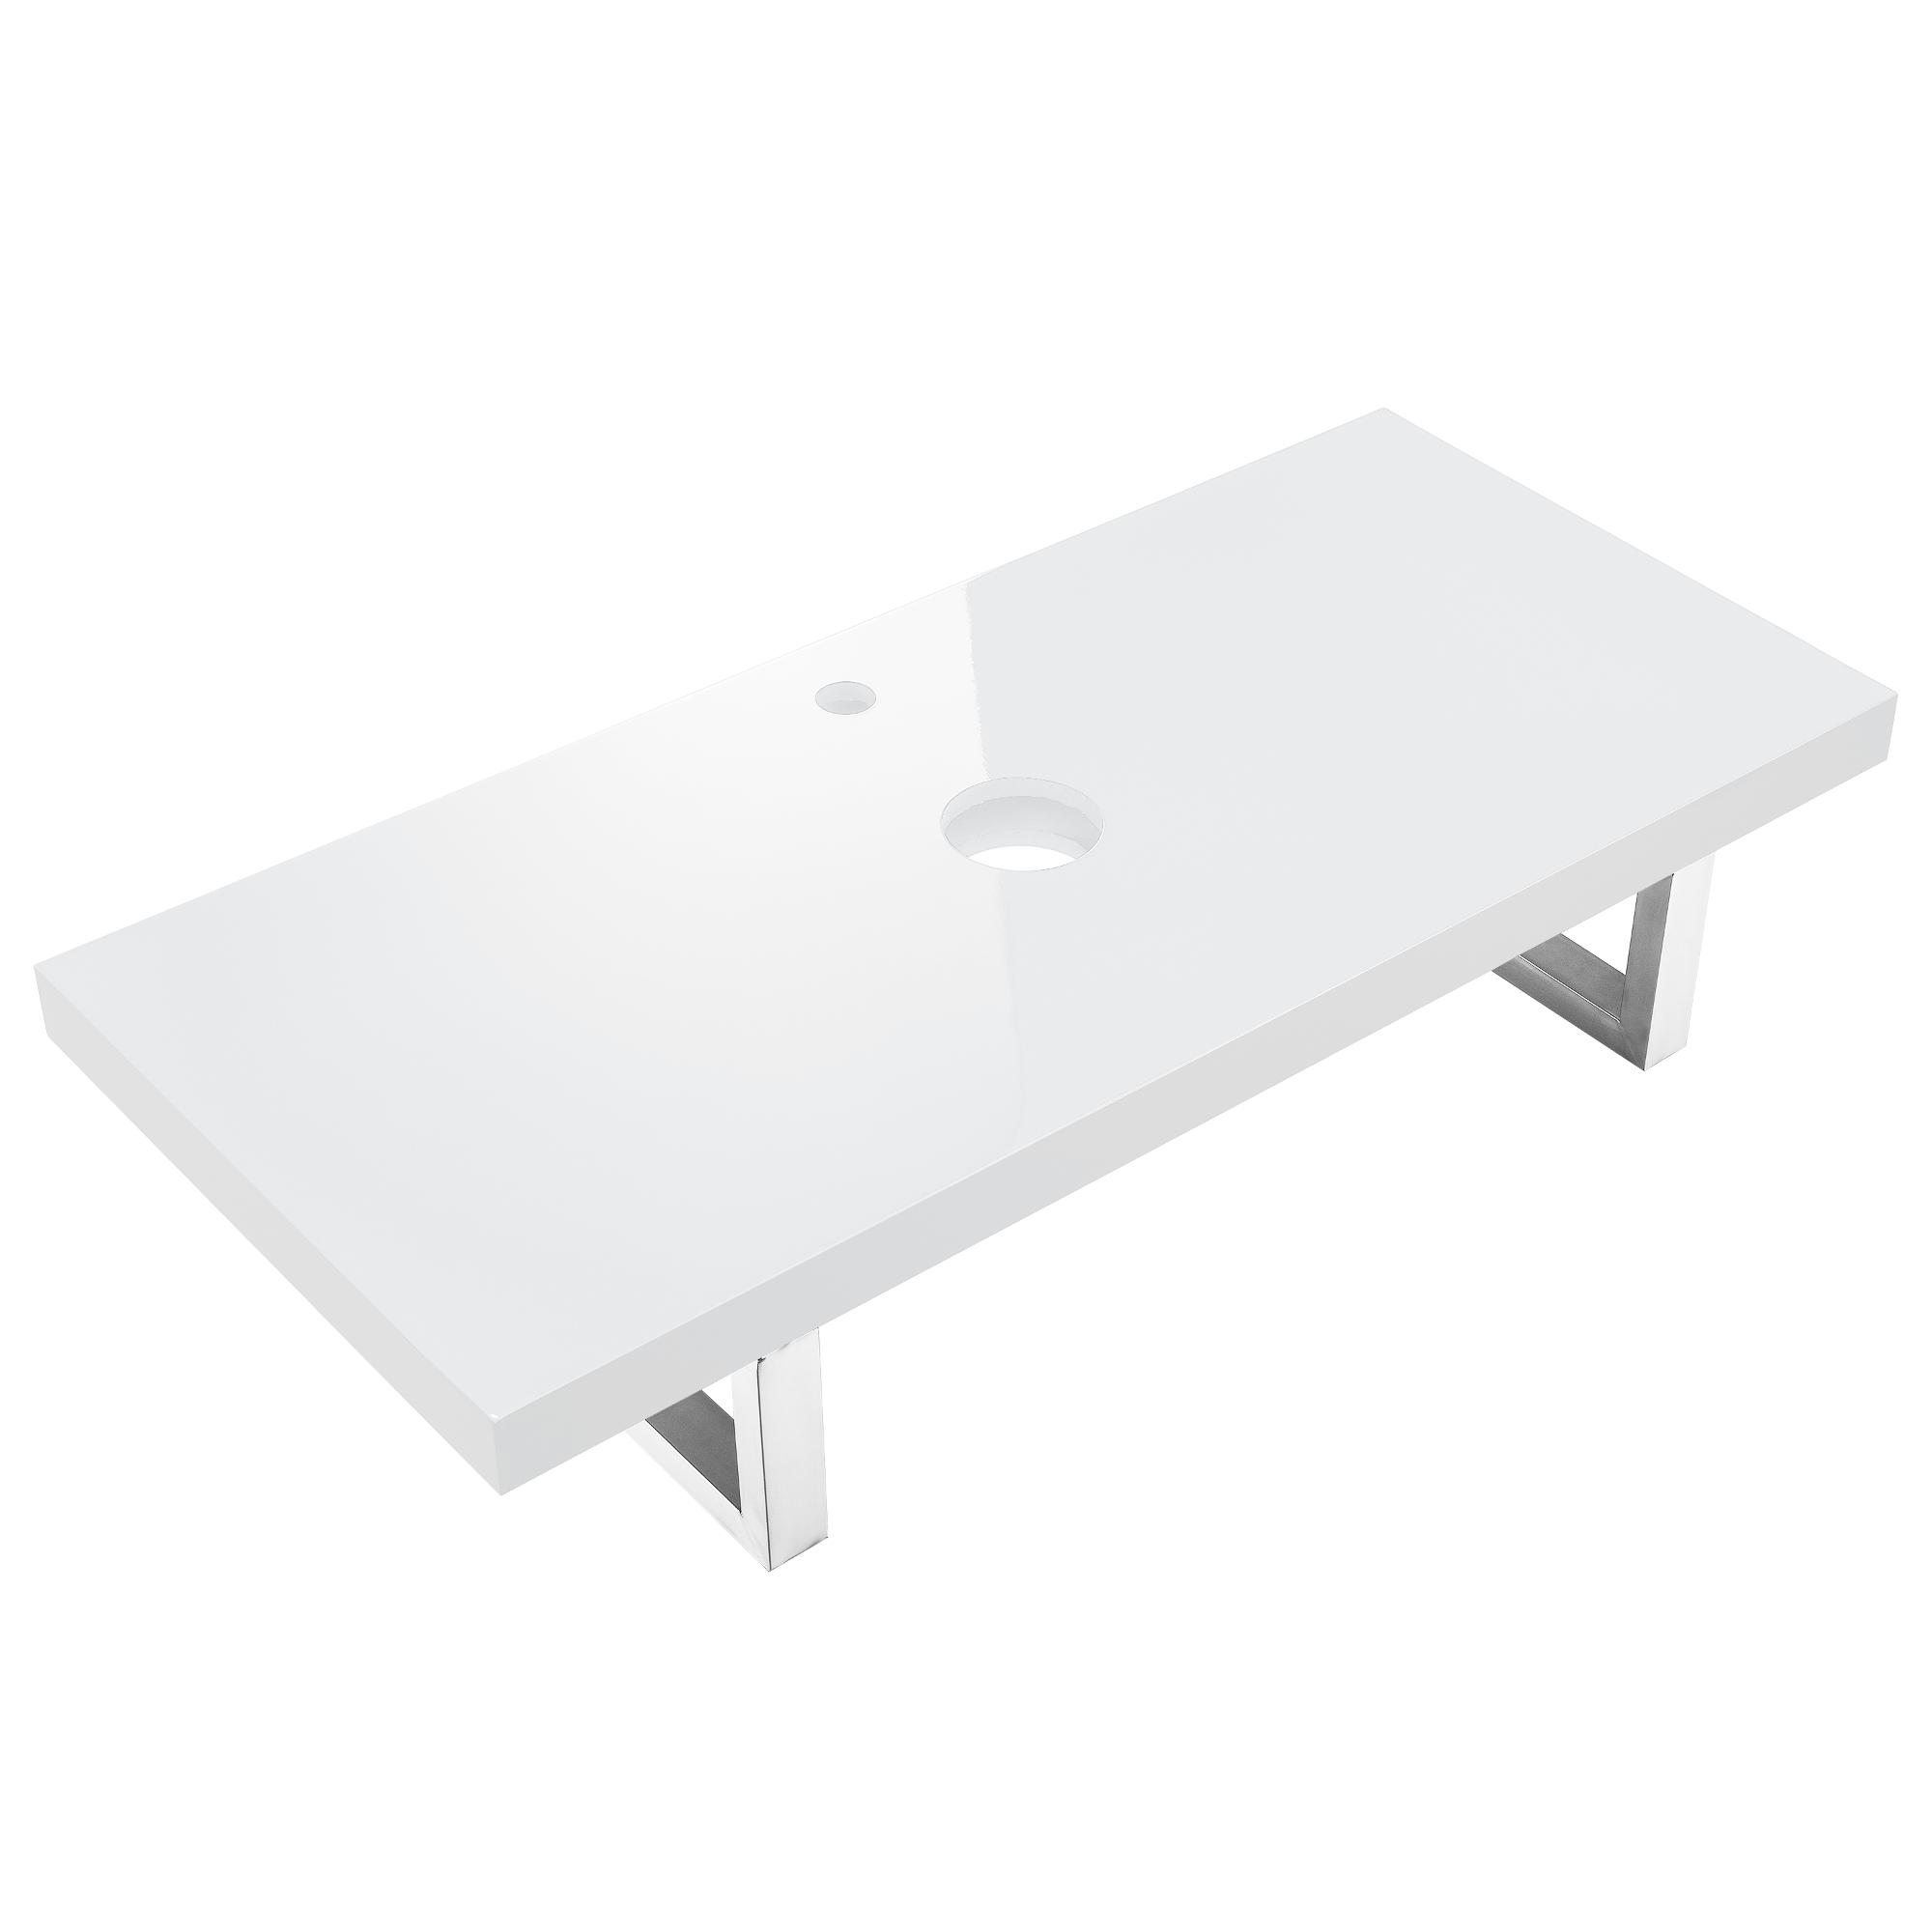 neu.haus]® Design stol za umivaonik - dizajn (bijela) - Jeftinije.hr